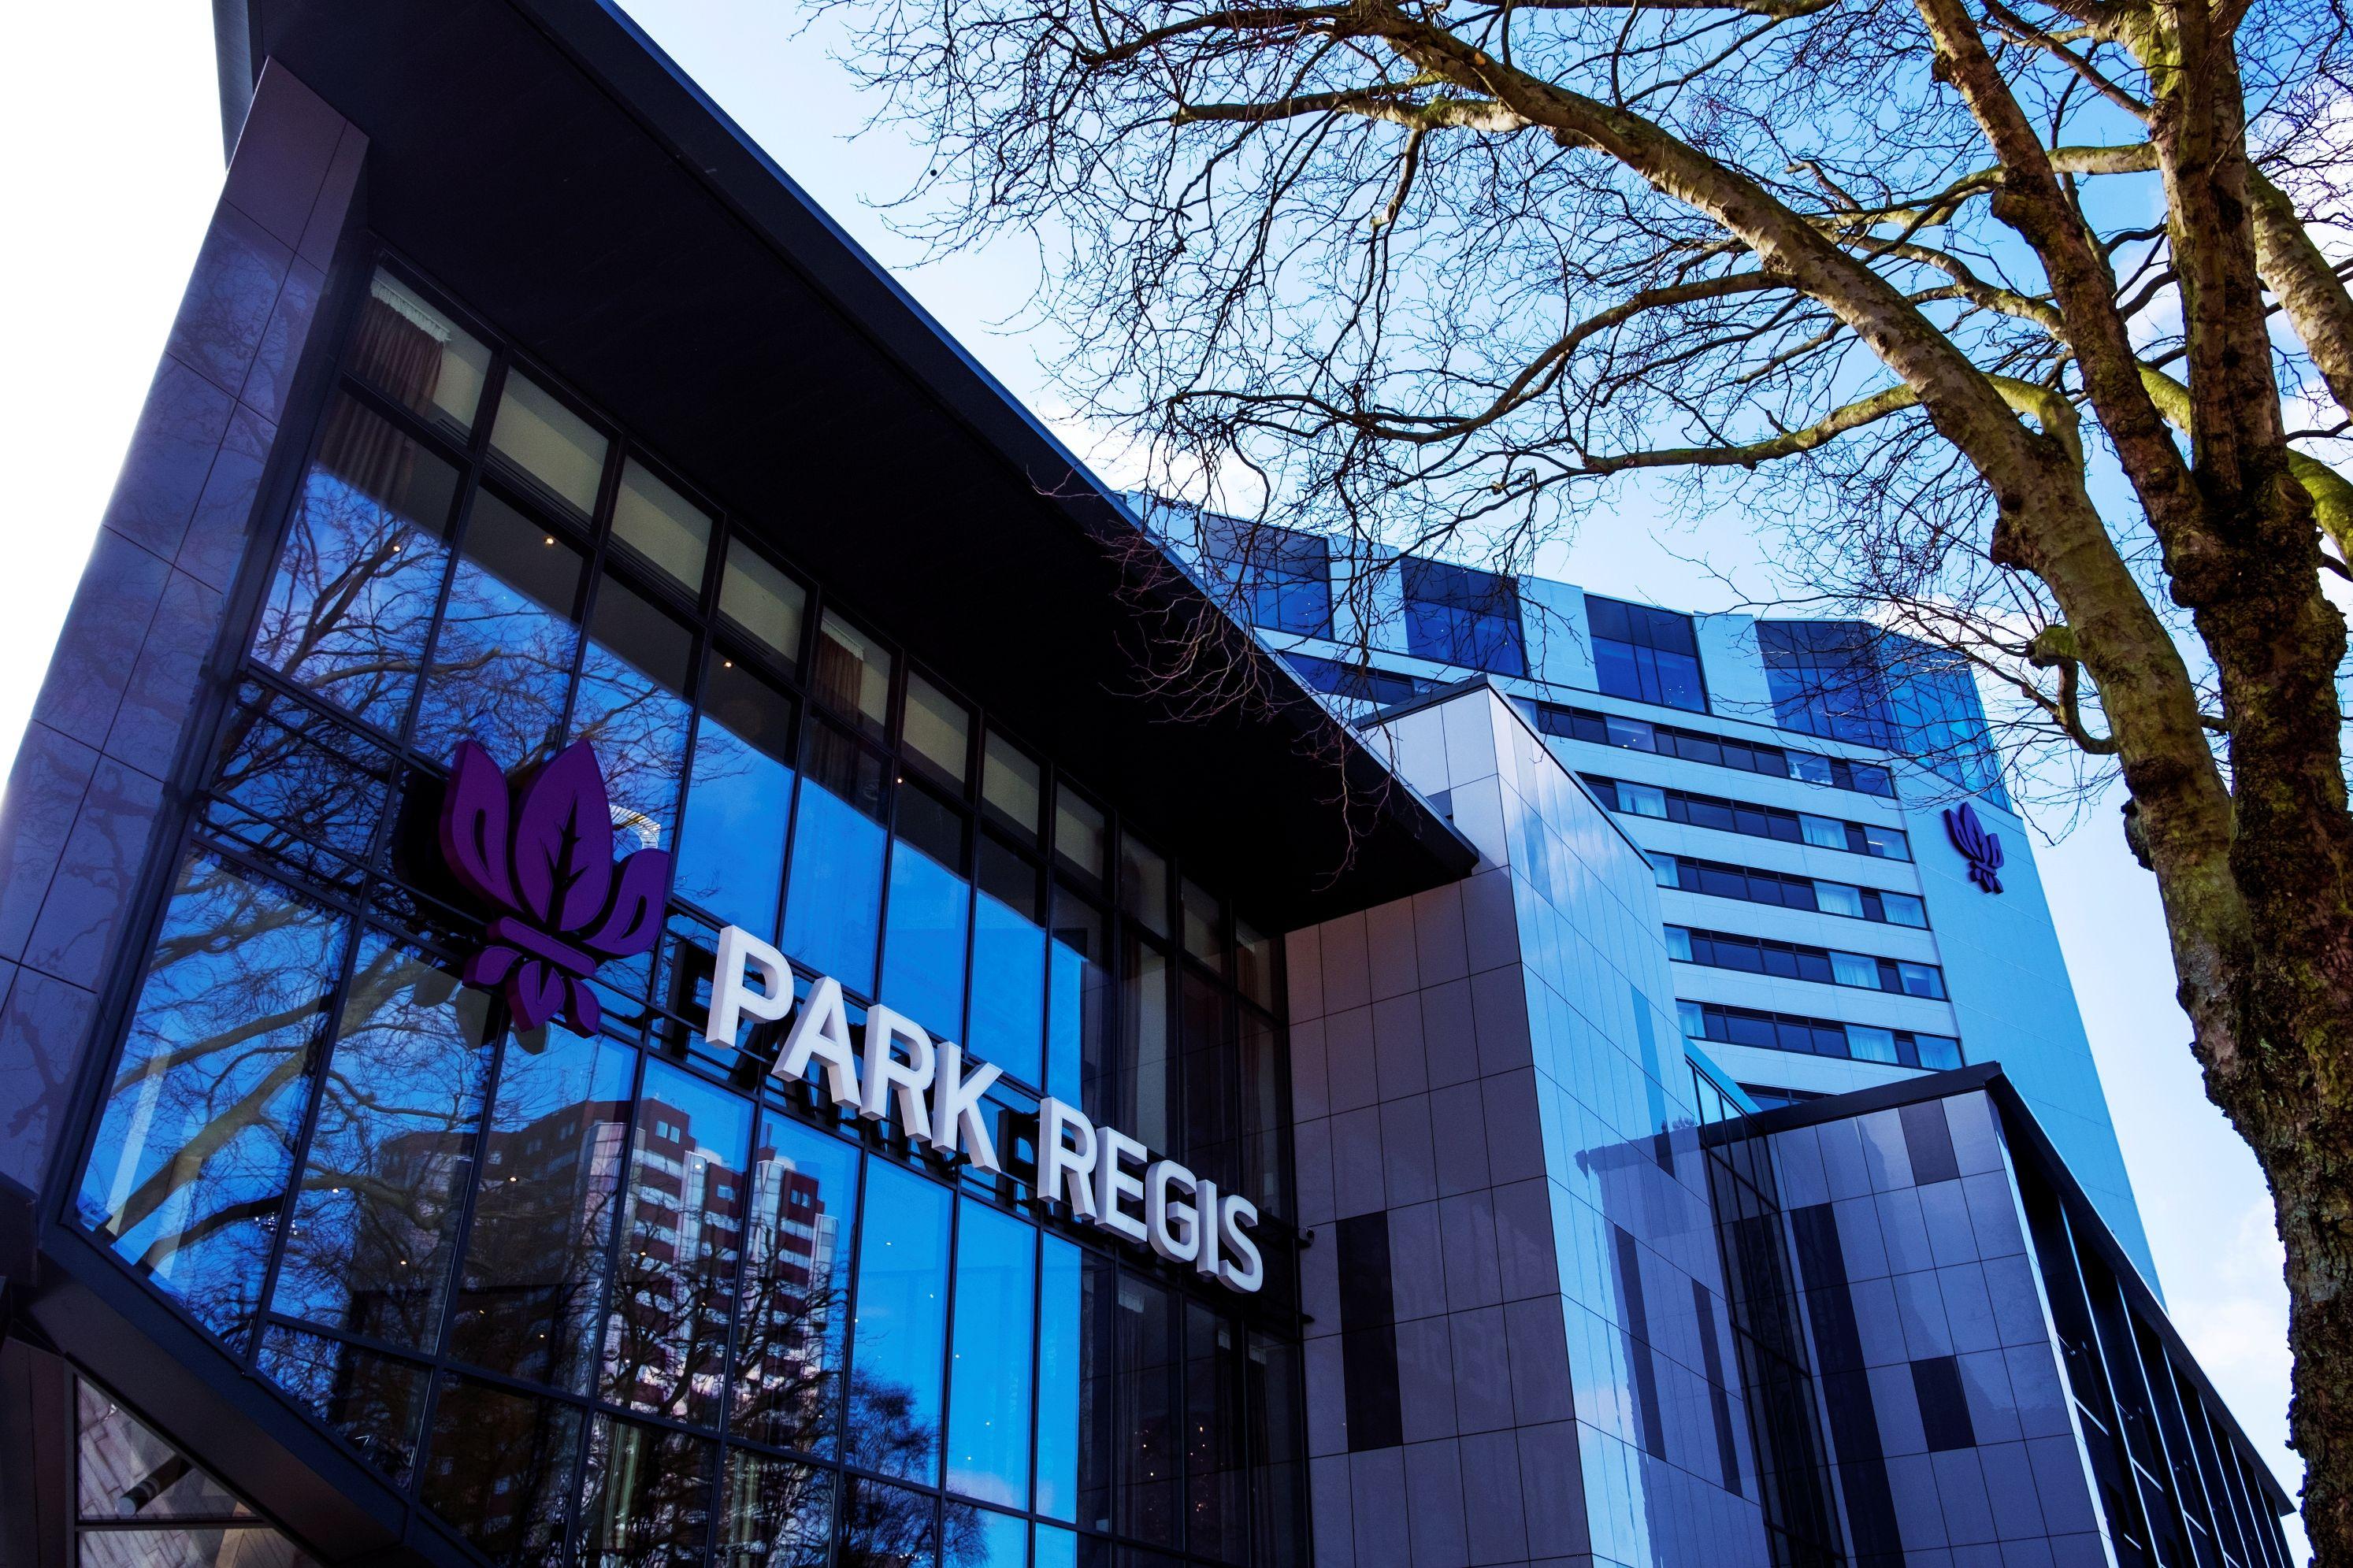 Park Regis Hotel, Birmingham Featuring Comar Aluminium 6EFT Curtain ...